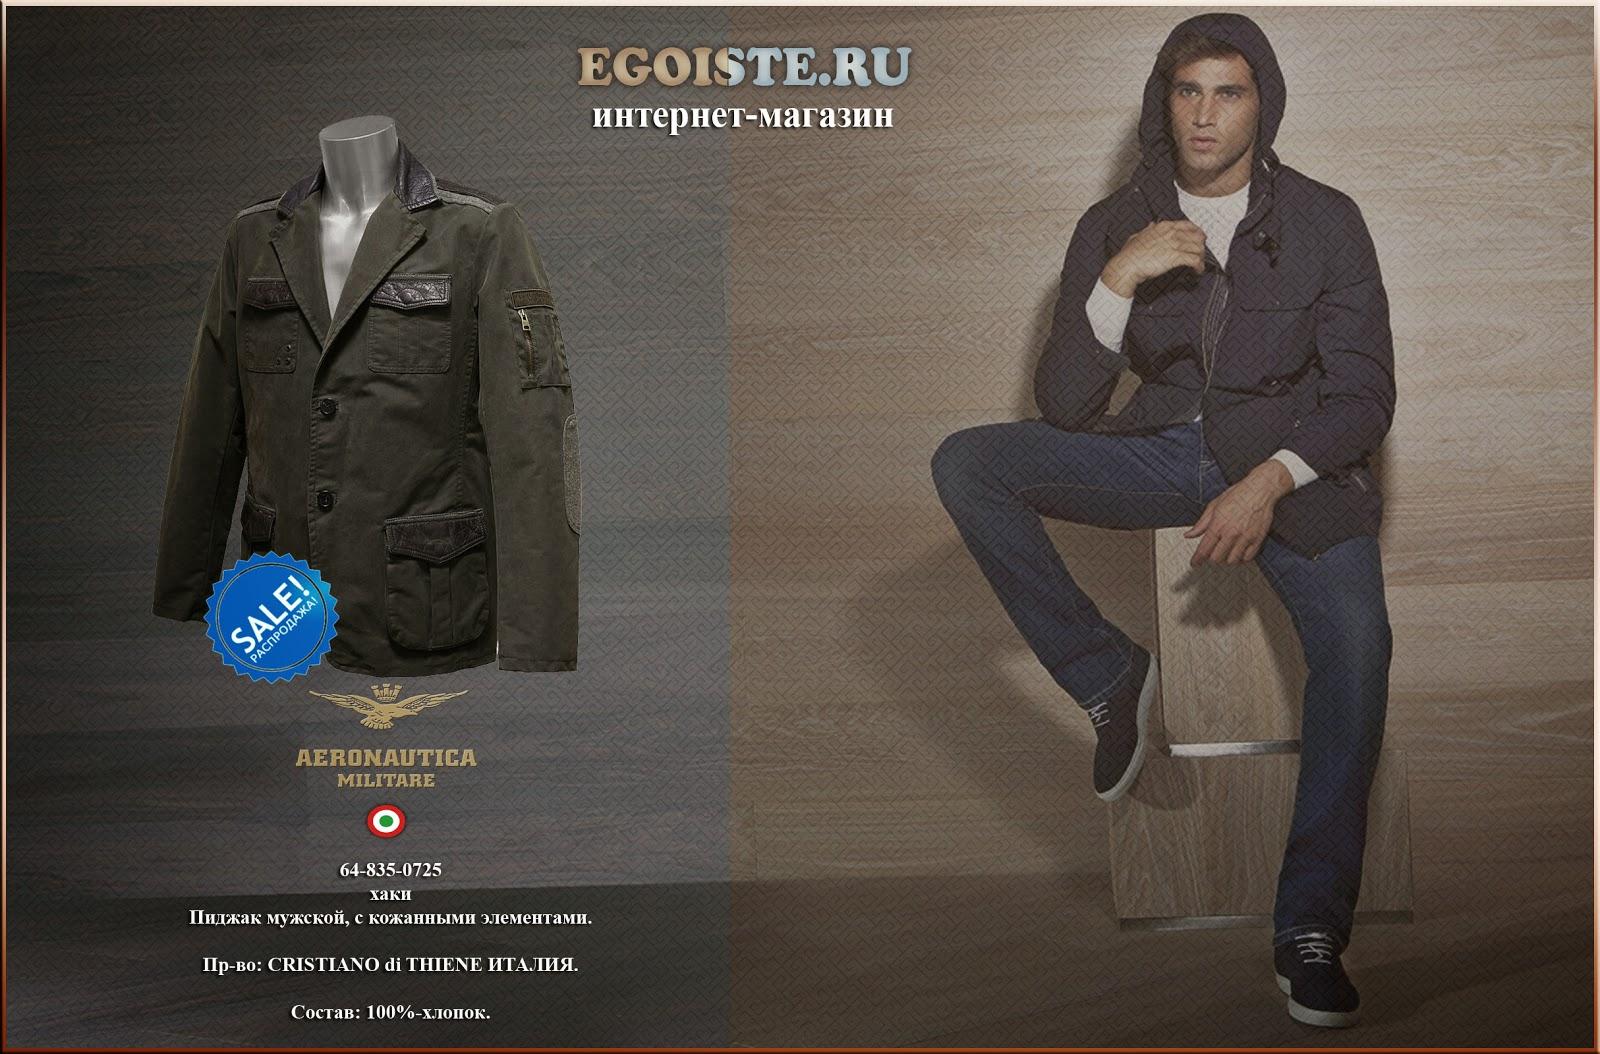 Дешевая Мужская Одежда Интернет Магазин Доставка